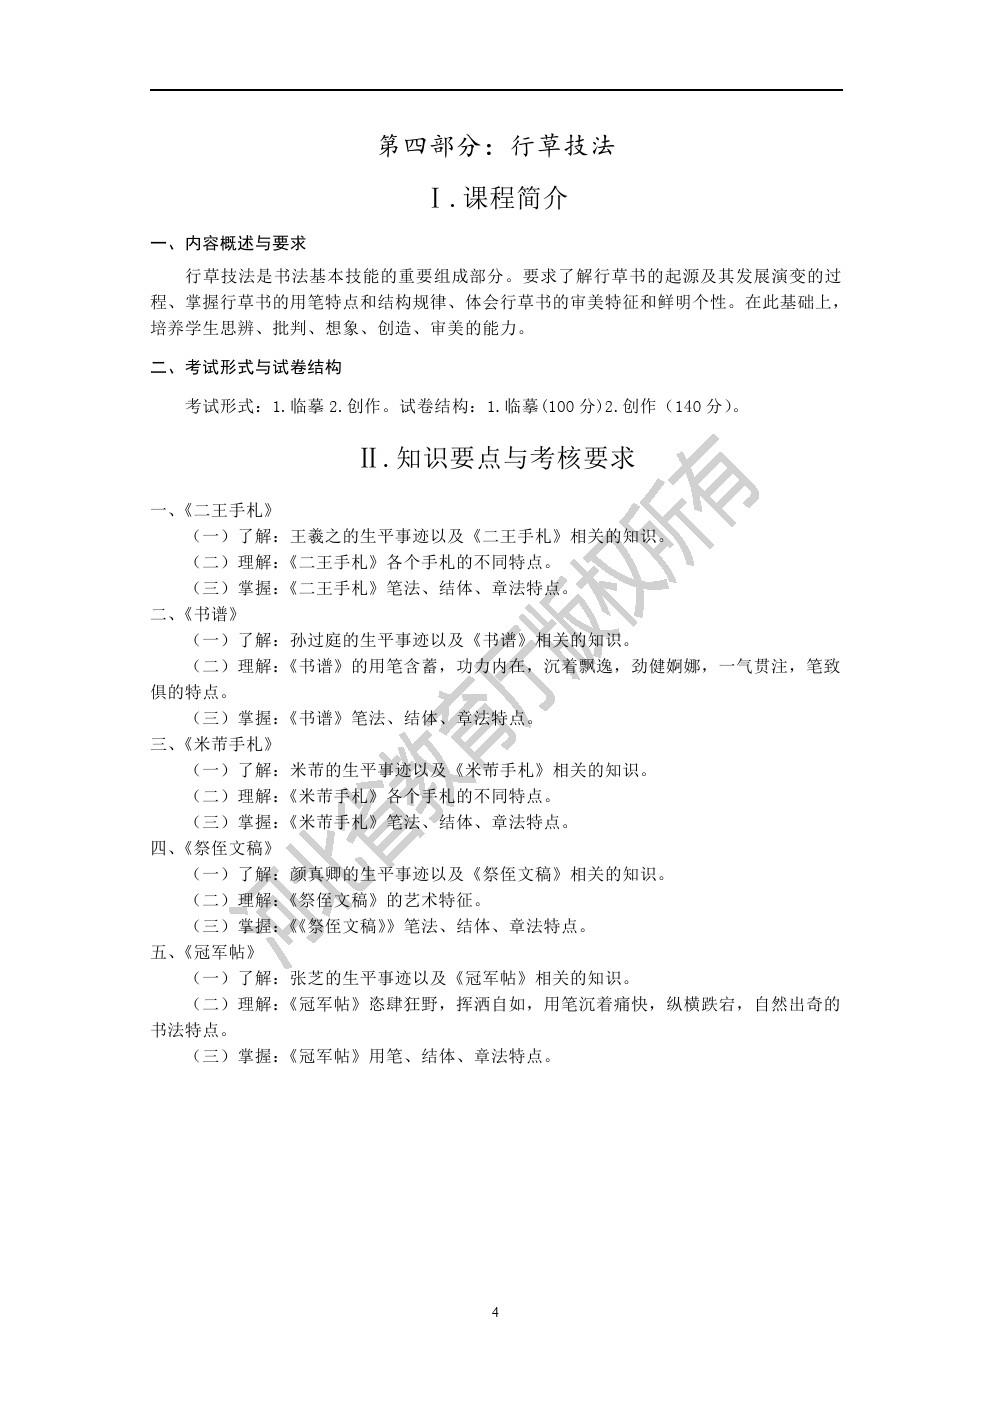 2020年河北省专接本考试艺术类-书法学专业考试说明(篆书技法、隶书技法、楷书技法、行草技法)